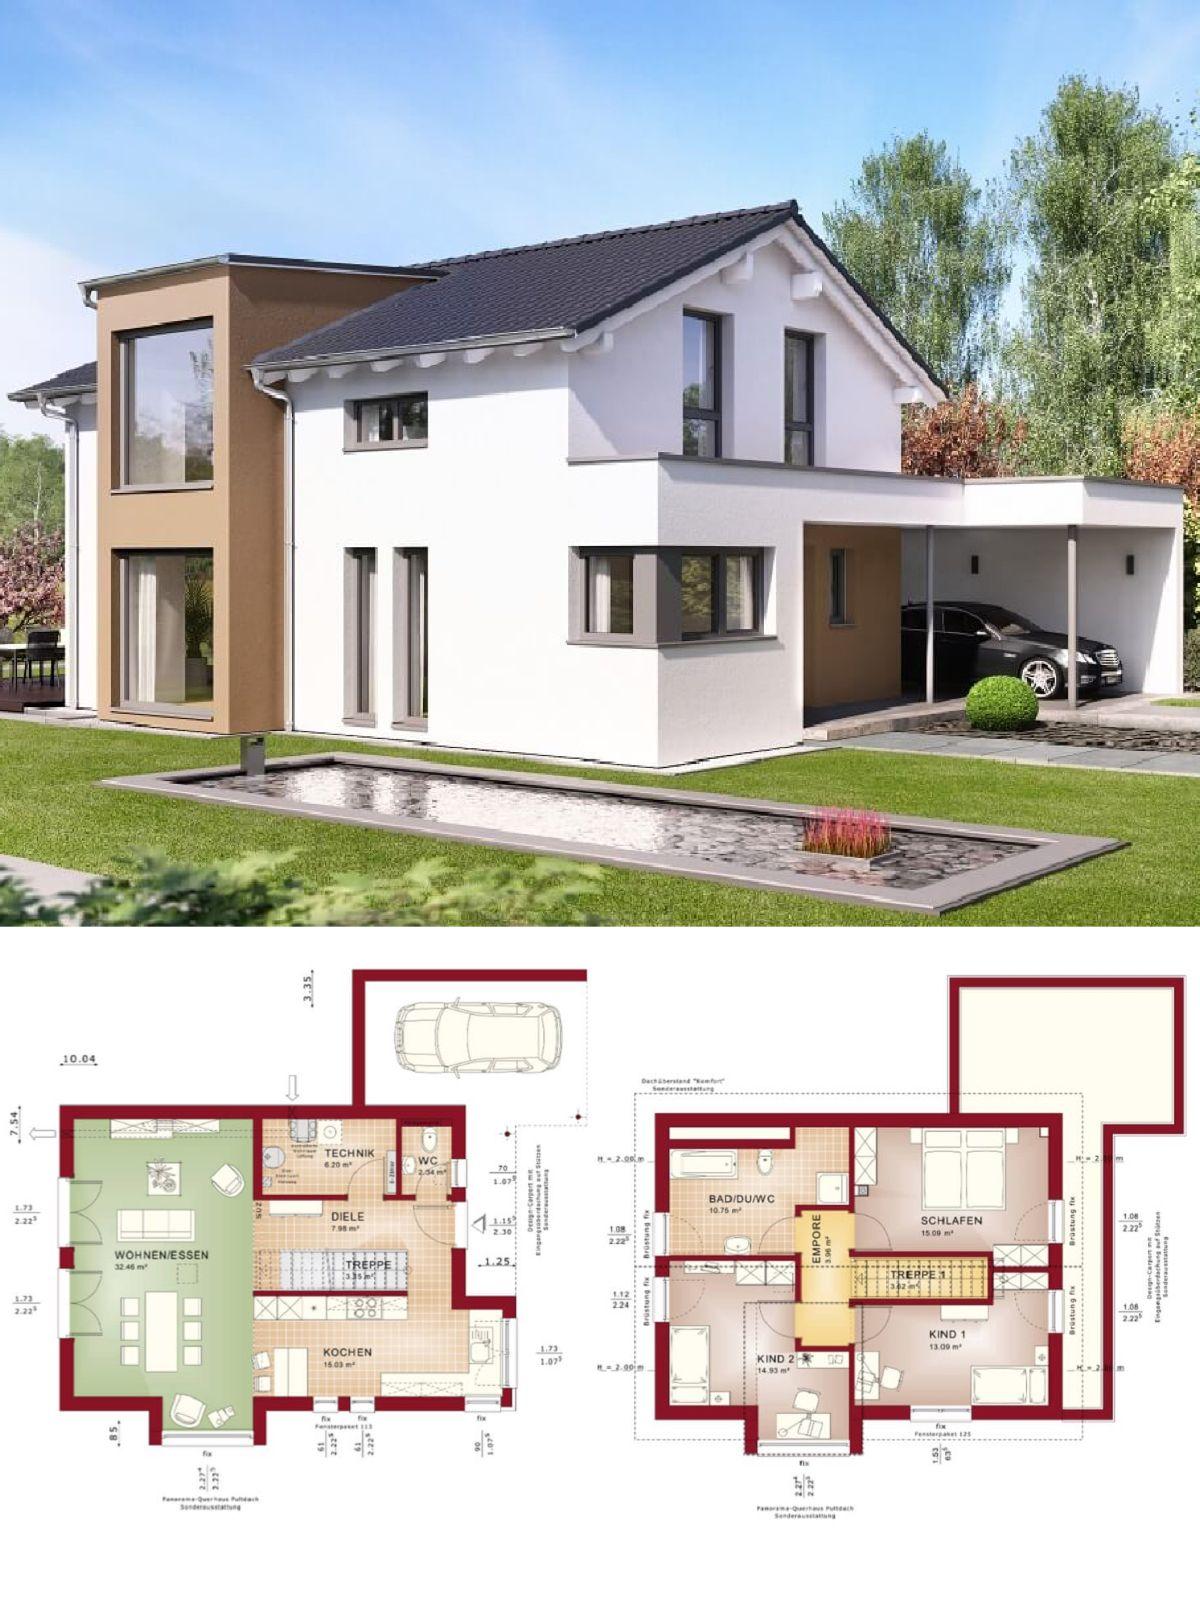 Einfamilienhaus Modern Mit Satteldach Architektur Design Carport